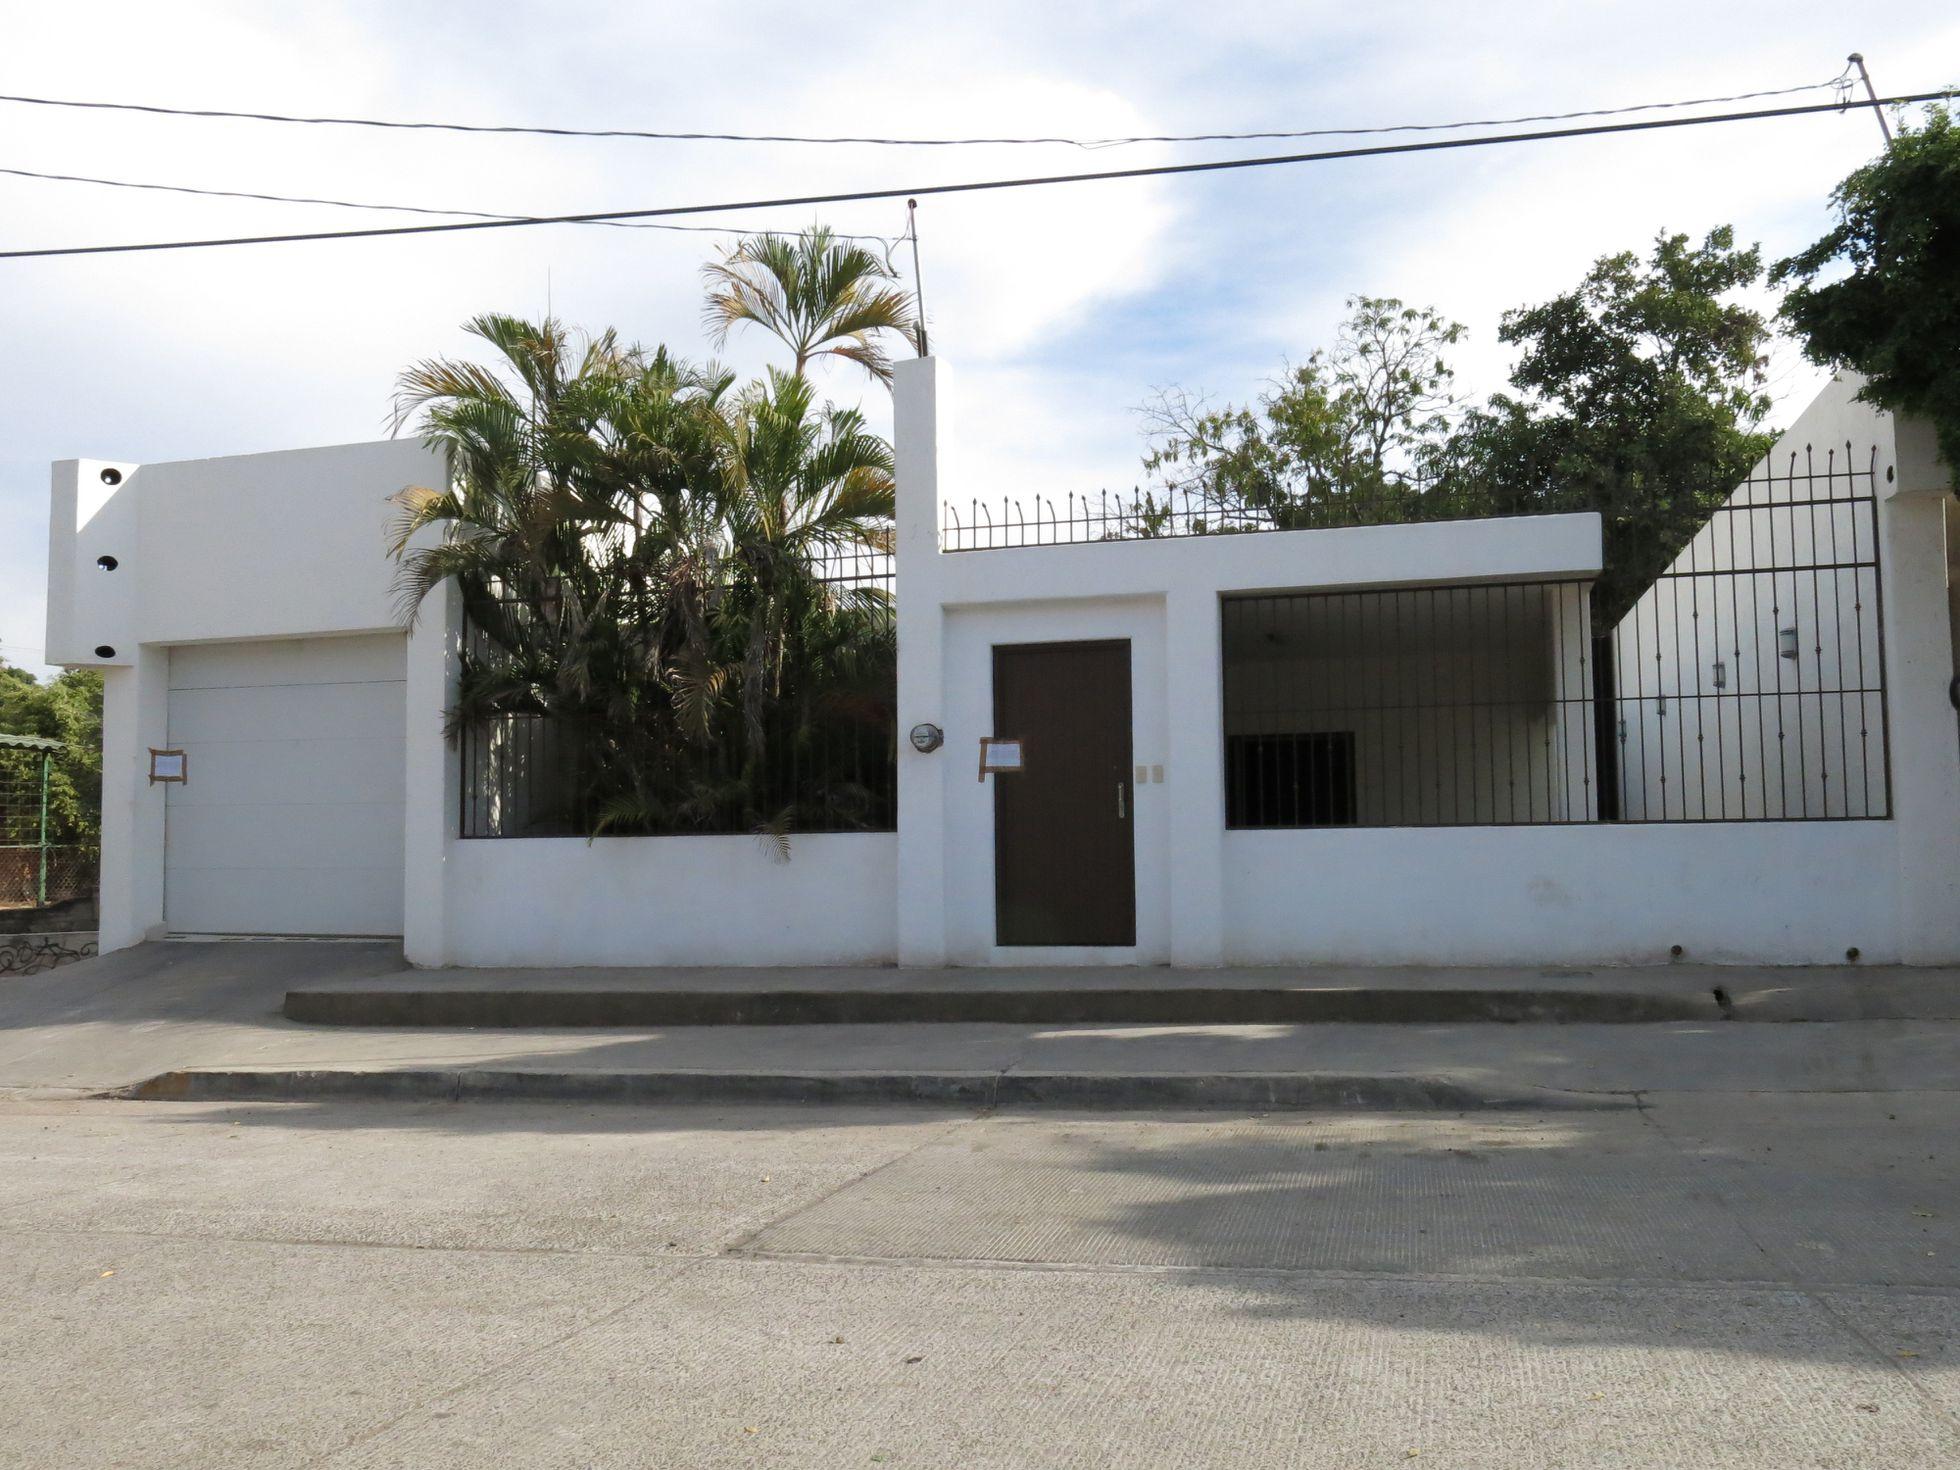 В Мексике в Национальной лотерее будут разыгрывать дома и ранчо наркобаронов (фото)